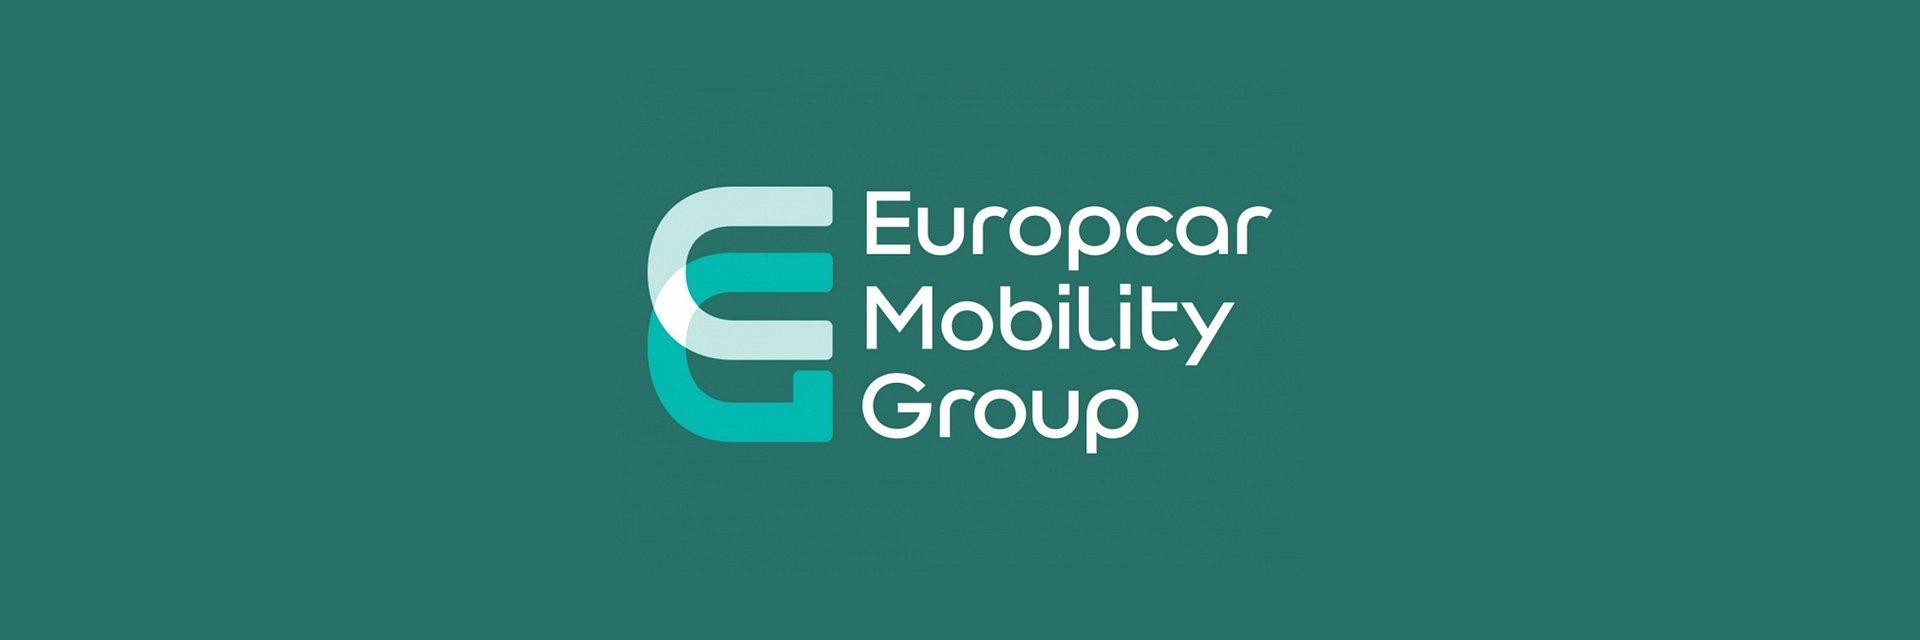 Europcar Mobility Group Portugal presenteia as suas clientes com descontos especiais